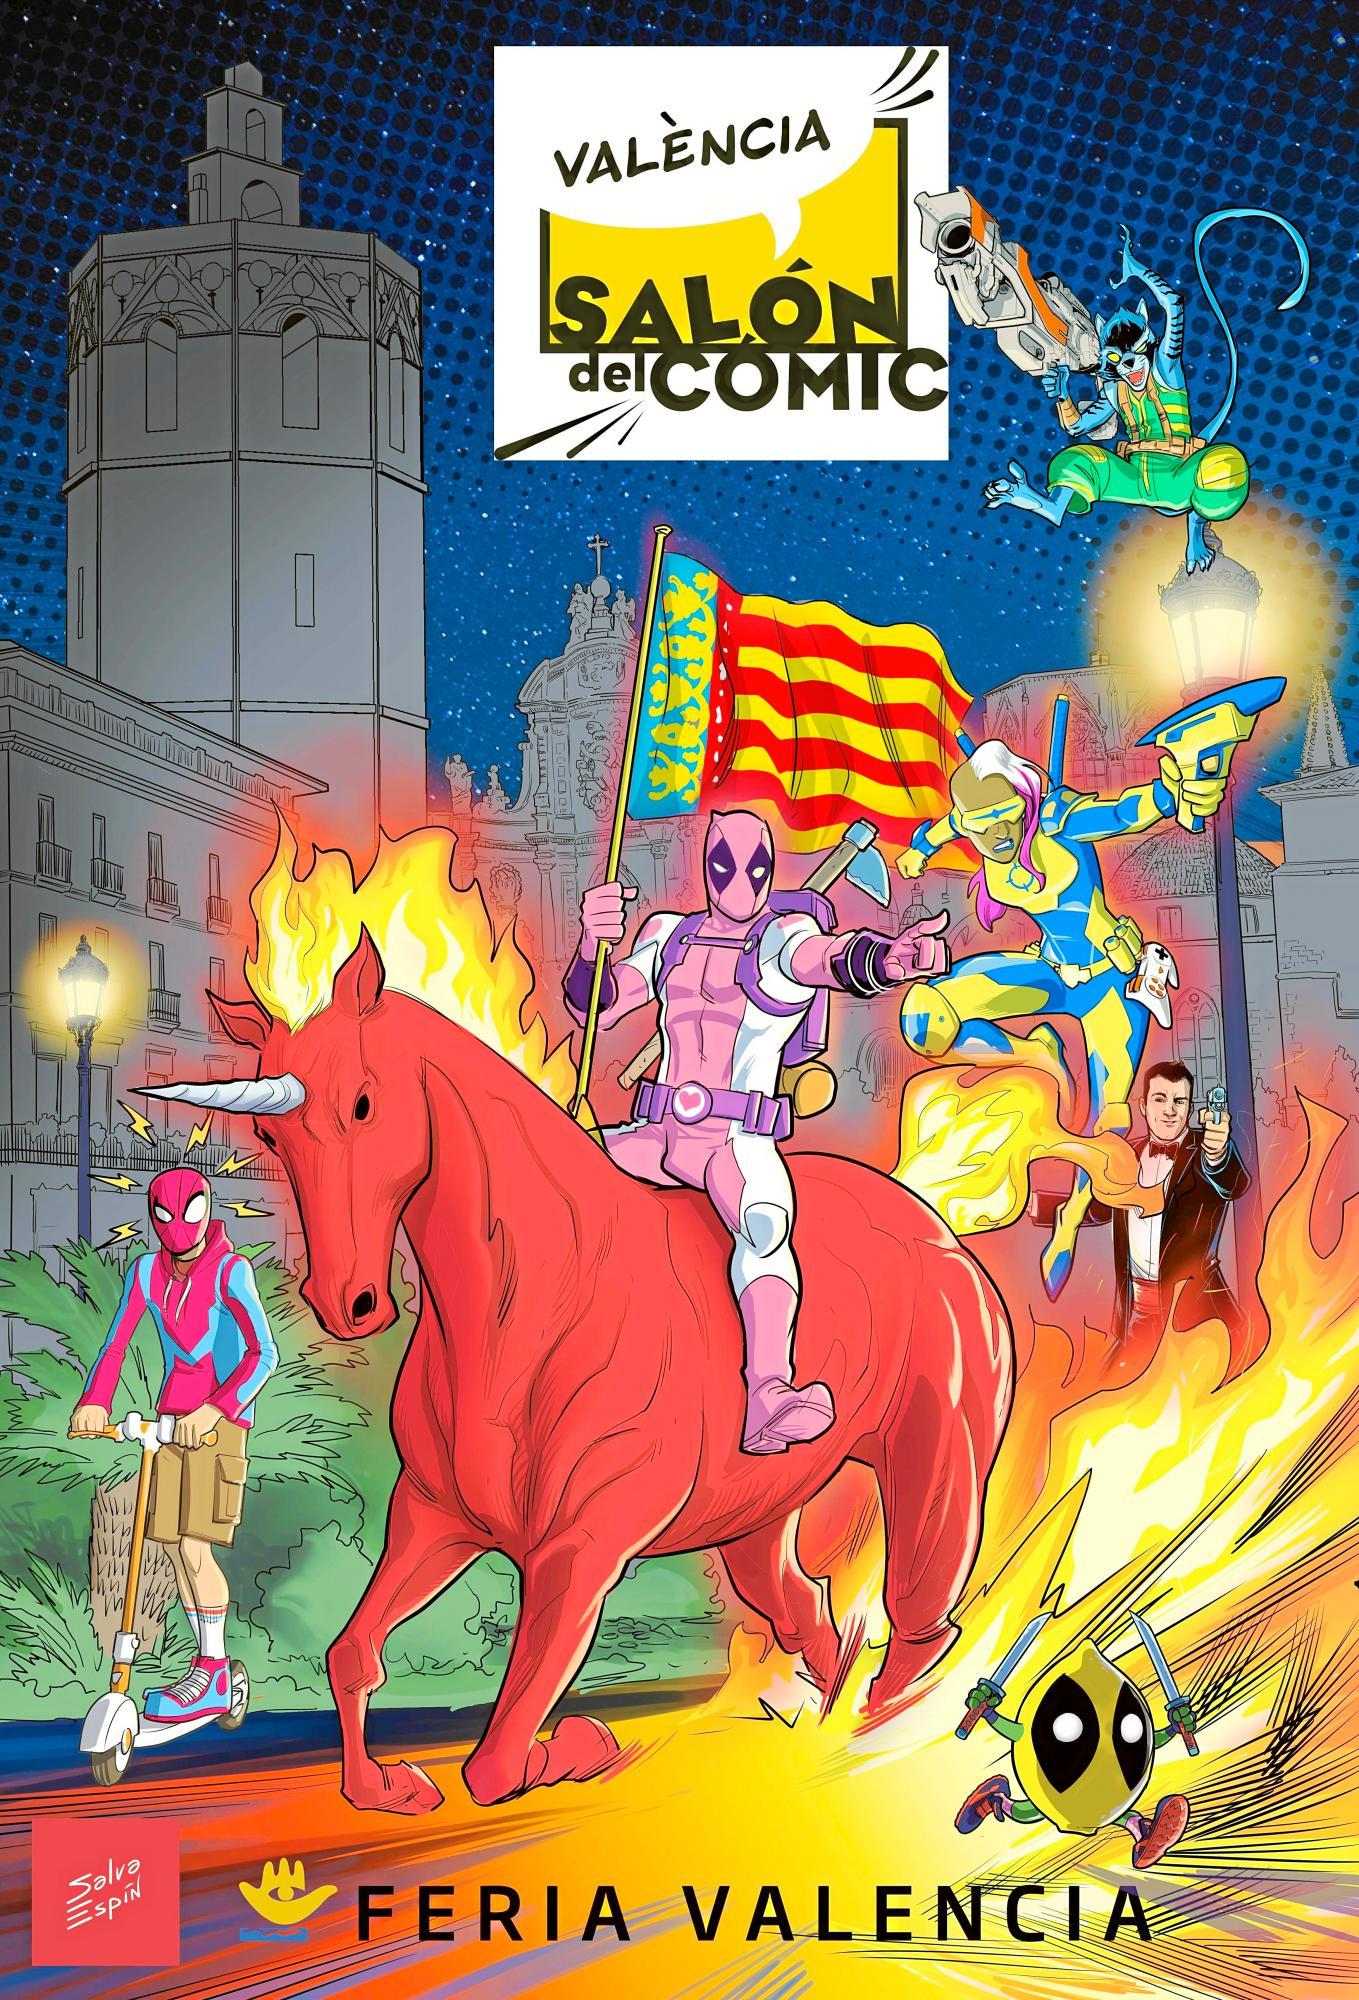 El 'Salón del Comic' abre sus puertas en Valencia durante febrero 1